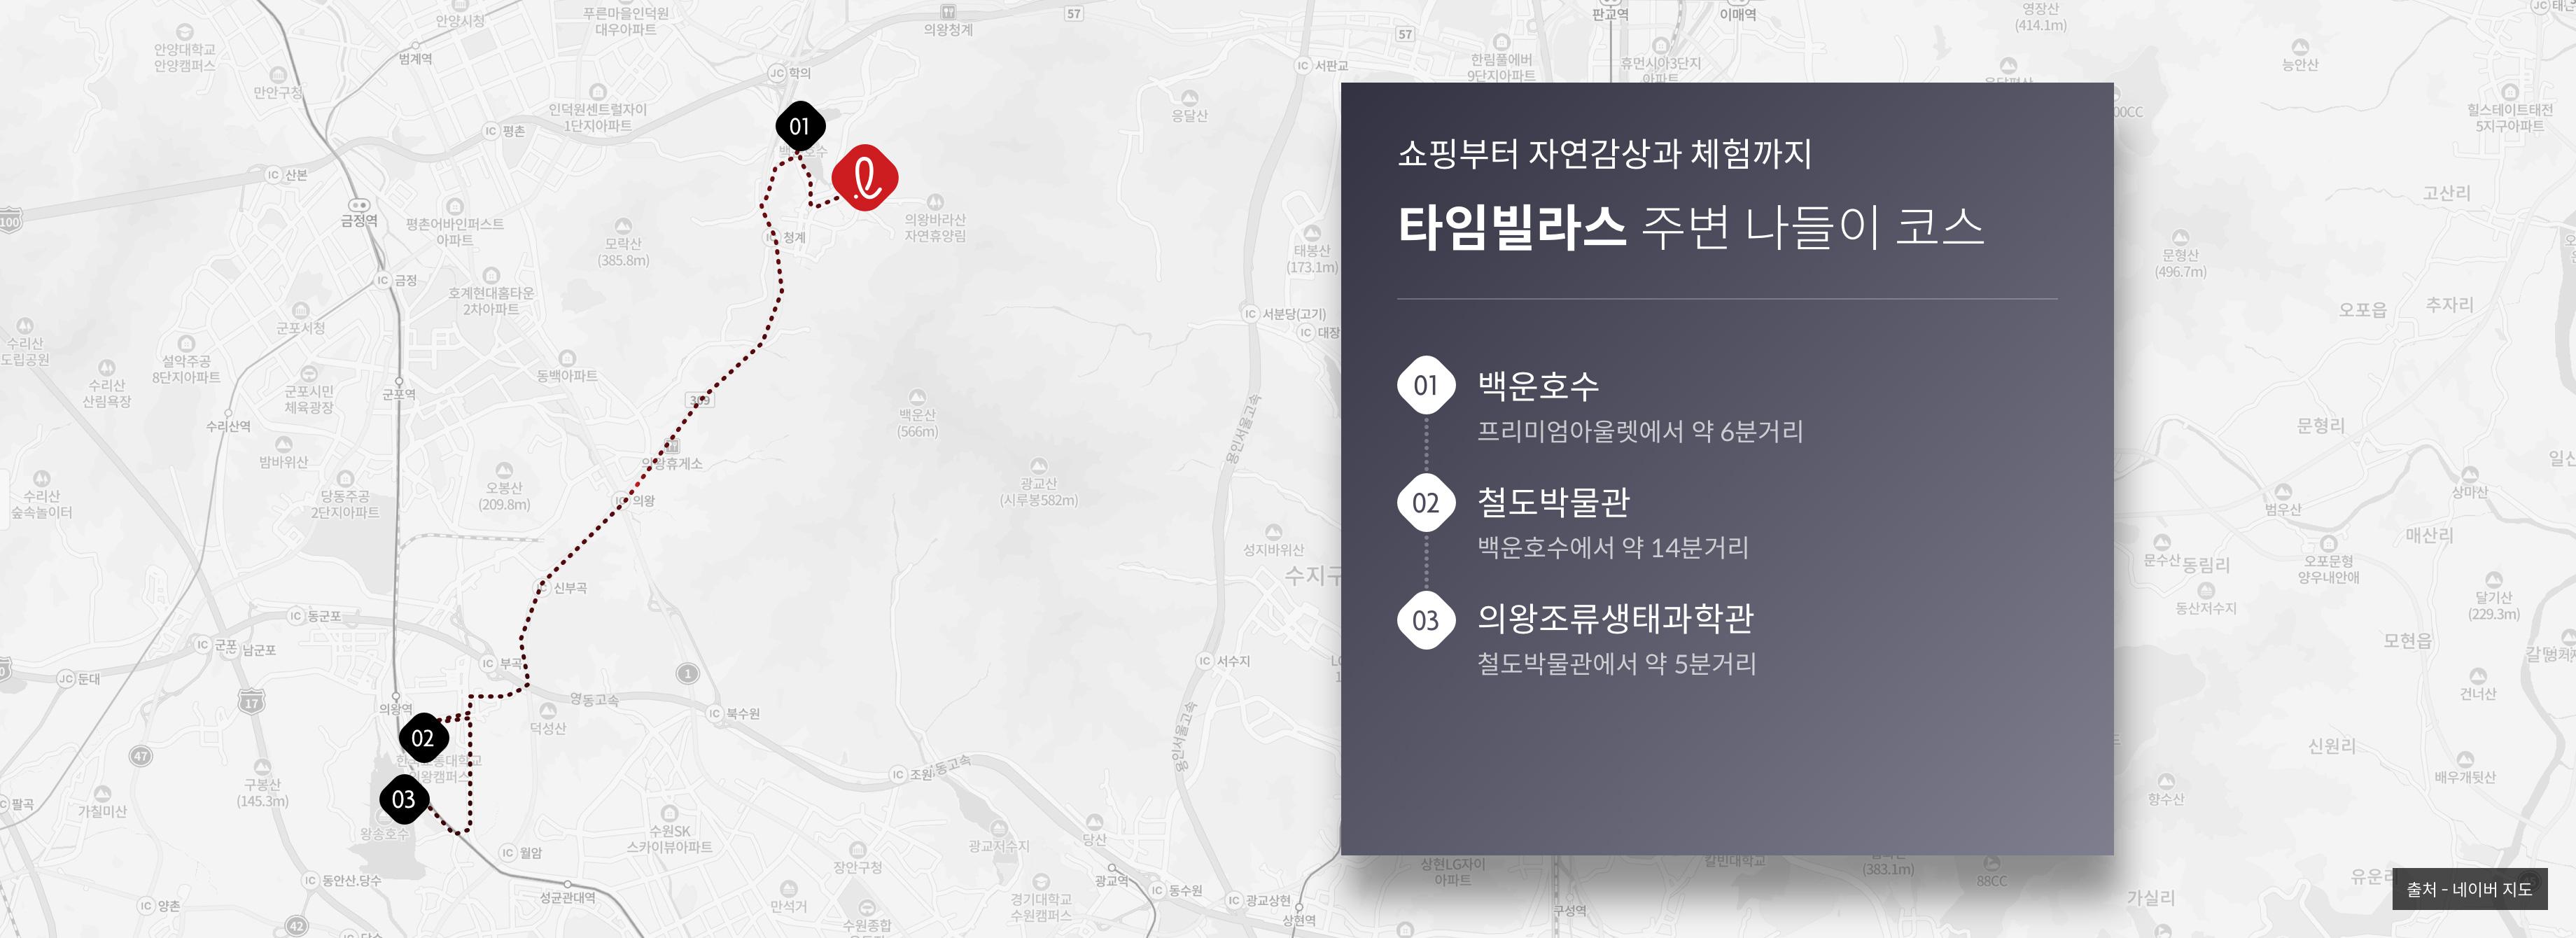 타임빌라스 나들이코스 지도, 하단 영역으로 설명 확인 부탁드립니다.